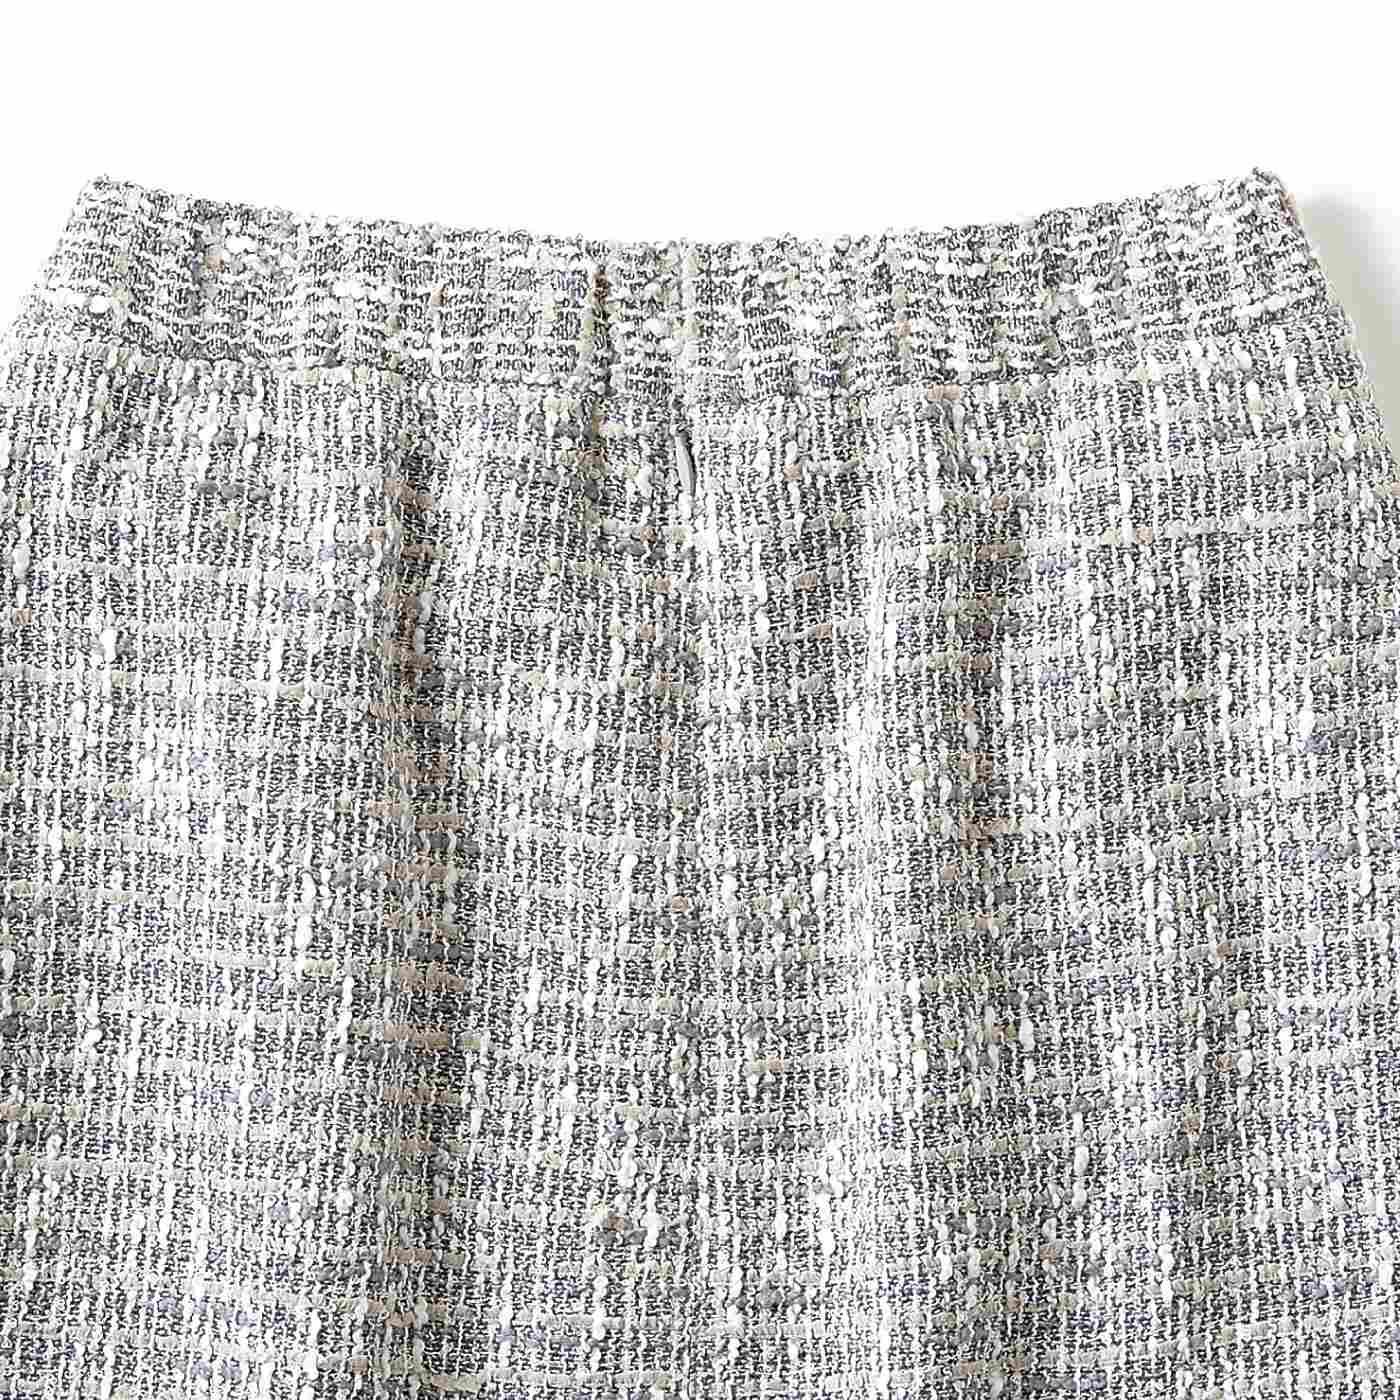 ウエストは後ろゴムで快適。ファスナー+ホック仕様のスカートは、ウエストの後ろ部分にゴムを使うことでストレスの少ない着用感を実現。